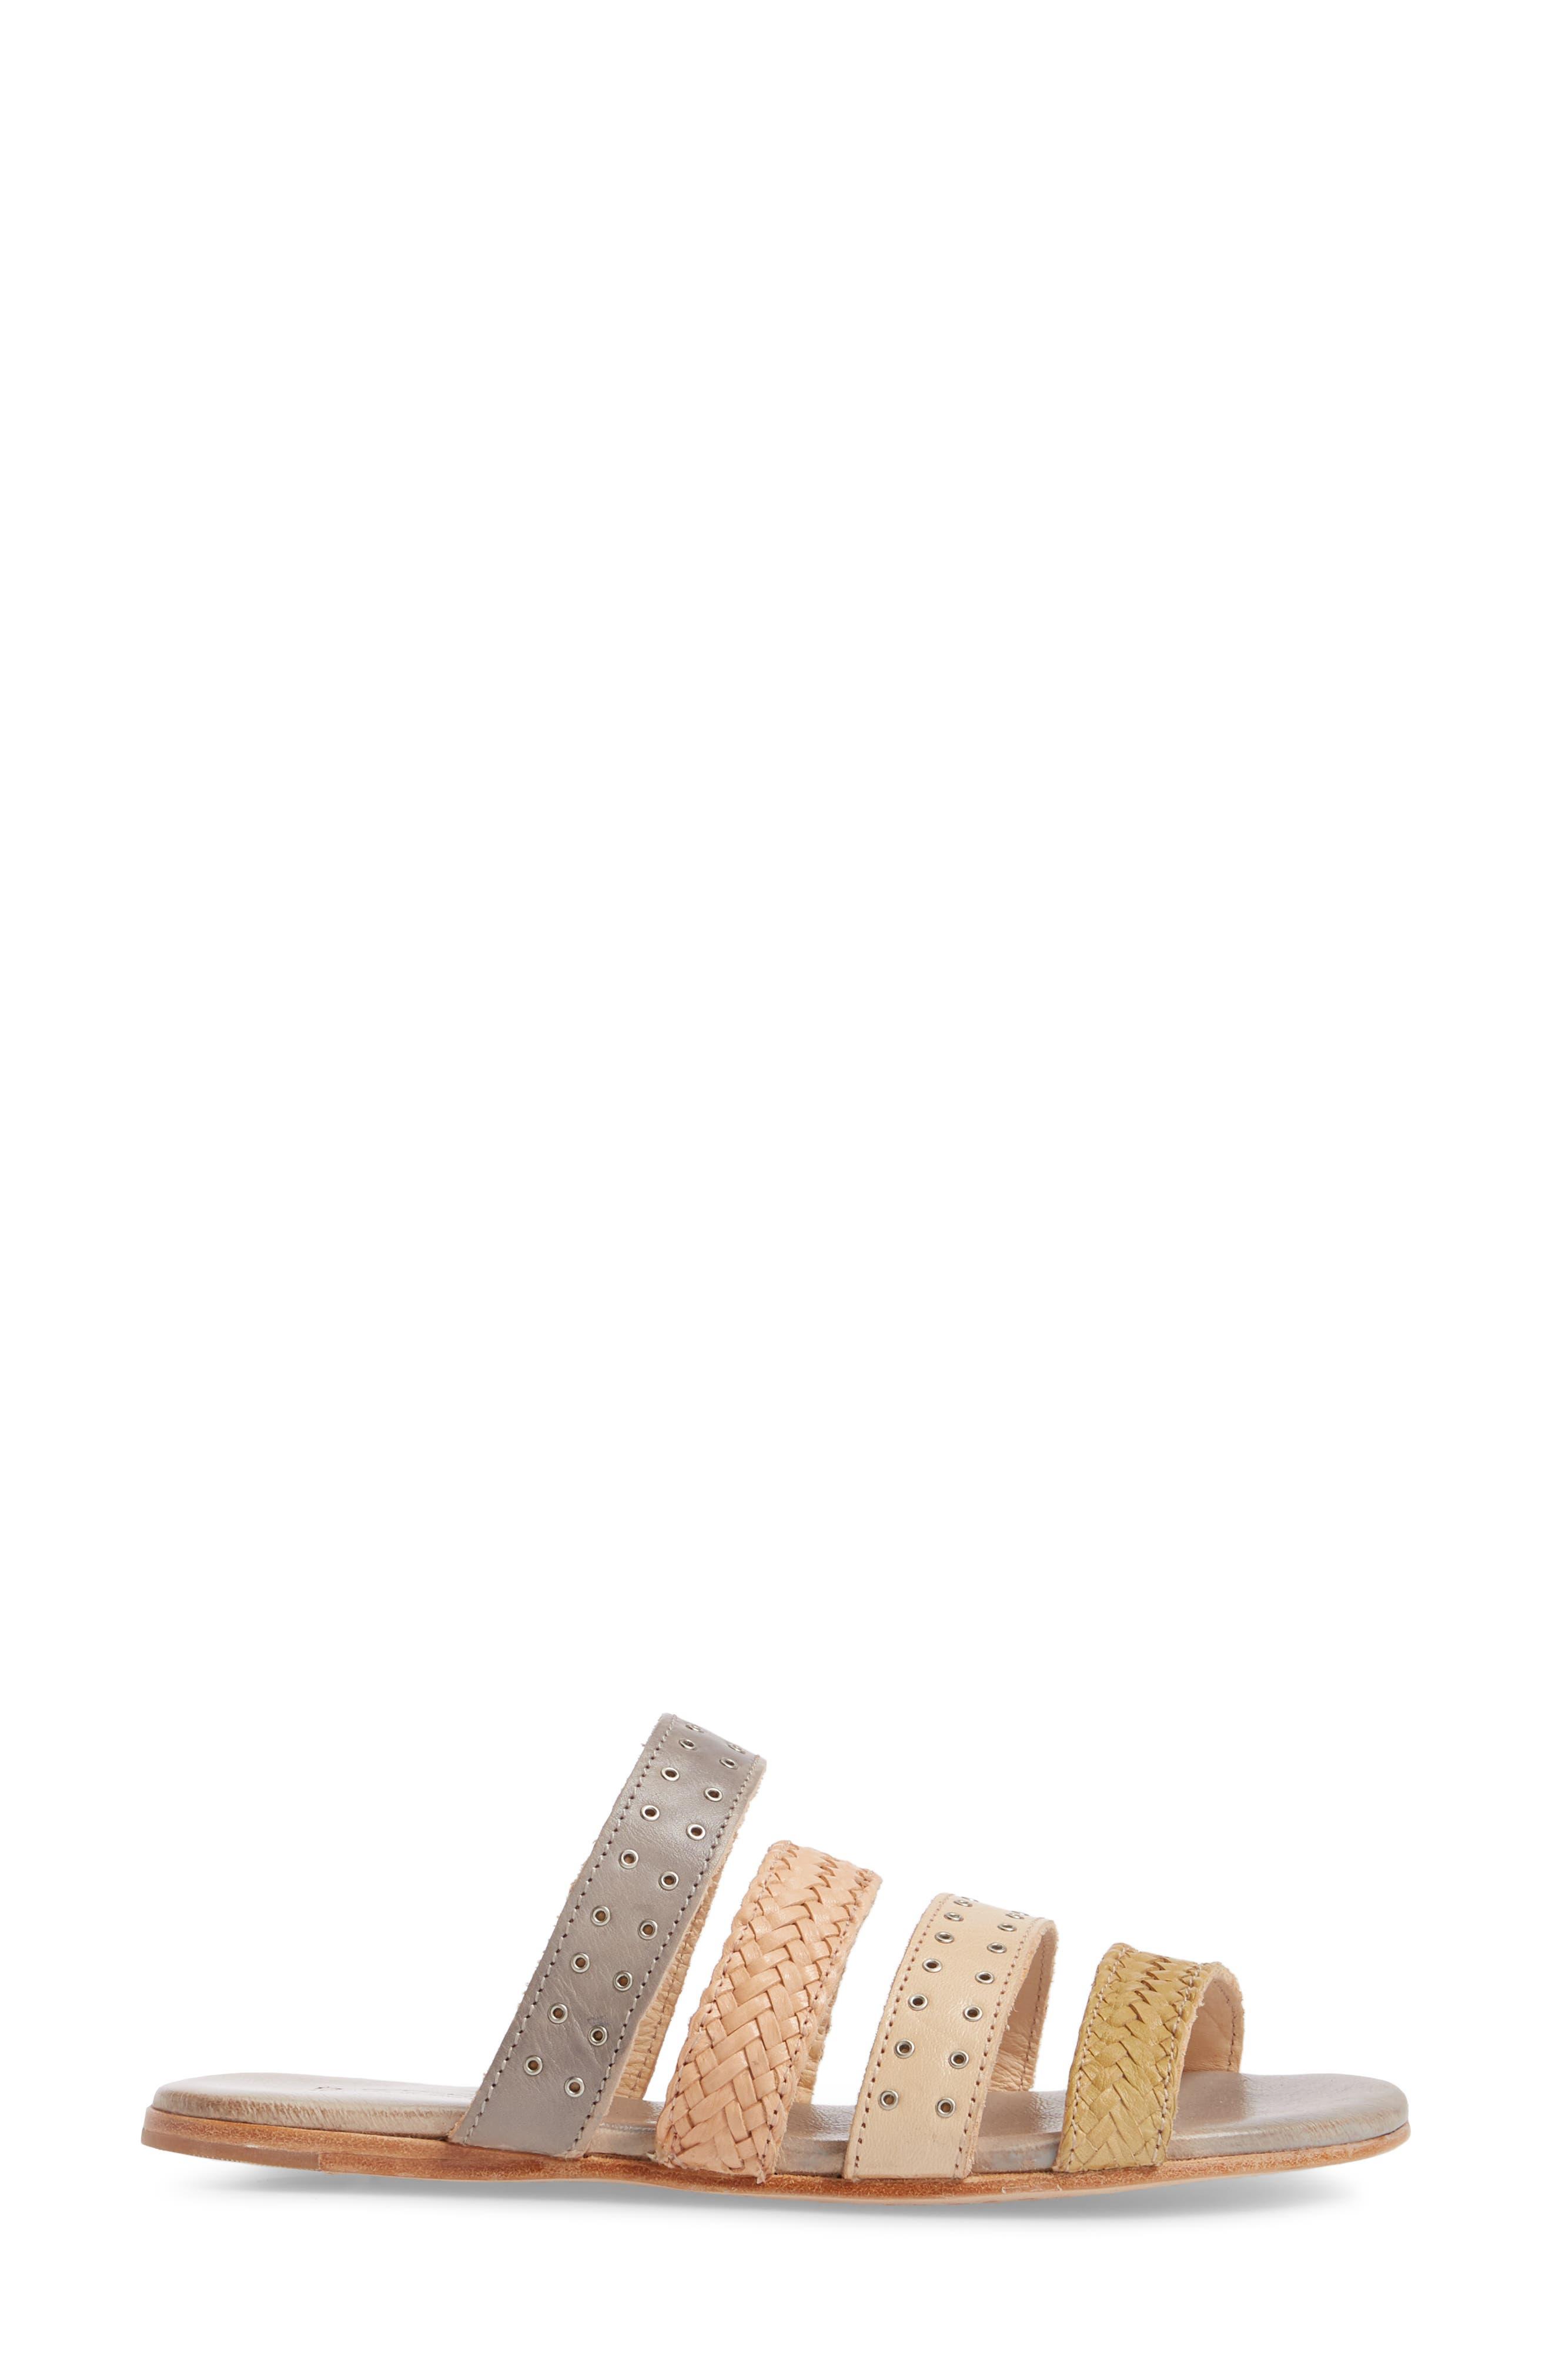 Henna Slide Sandal,                             Alternate thumbnail 3, color,                             CASHEW/ LIGHT GREY LEATHER